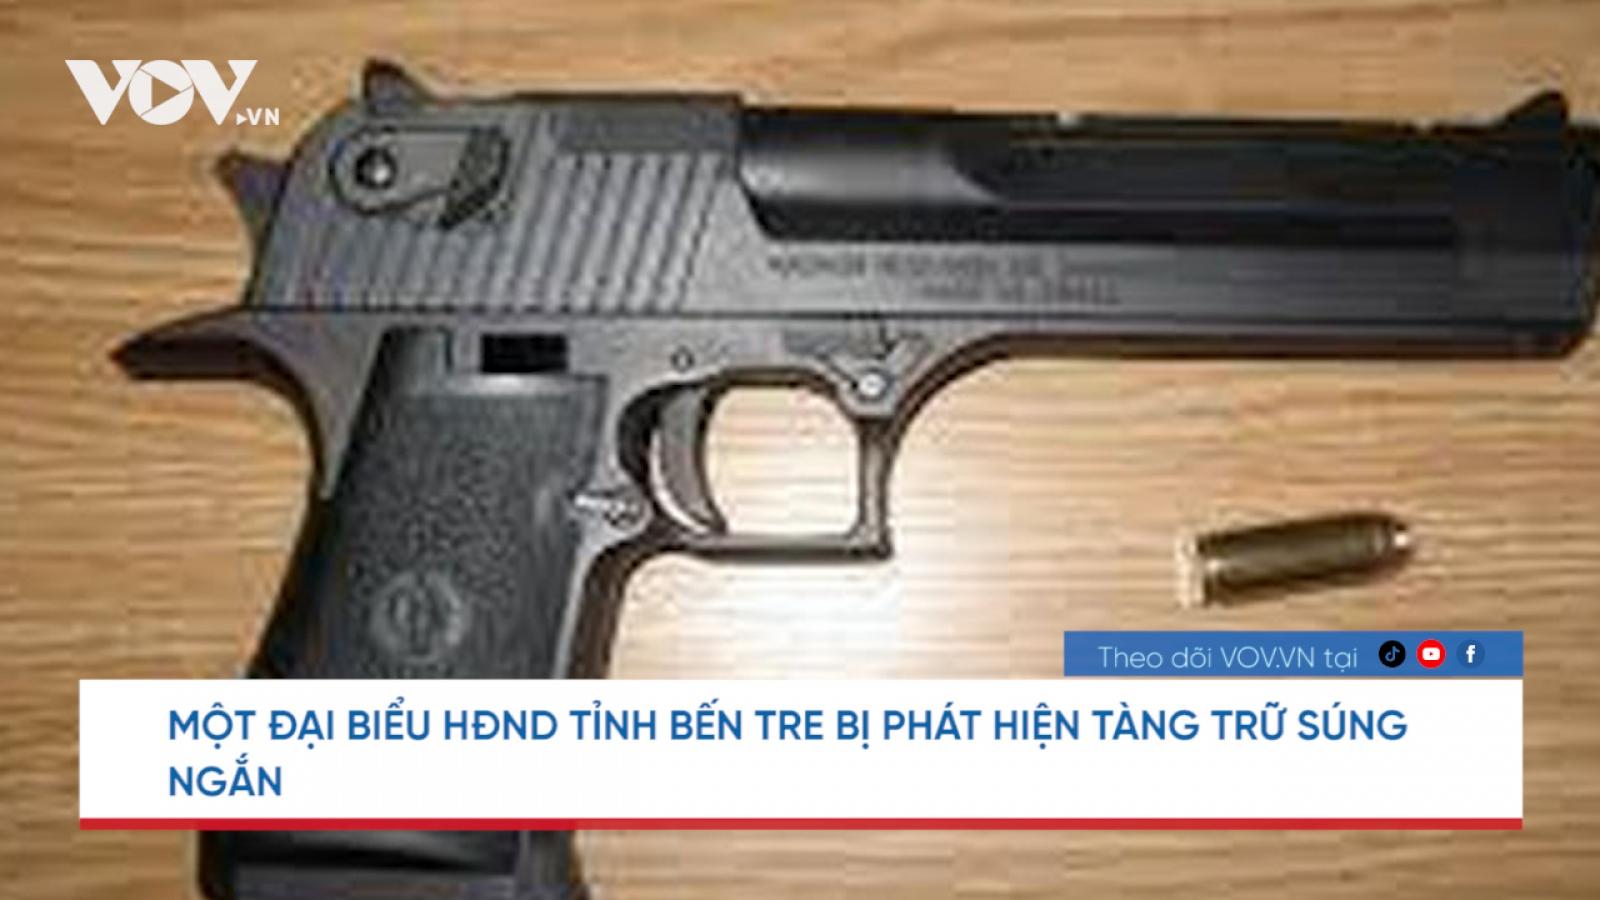 Nóng 24h: Một đại biểu HĐND tỉnh Bến Tre tàng trữ trái phép vũ khí quân dụng